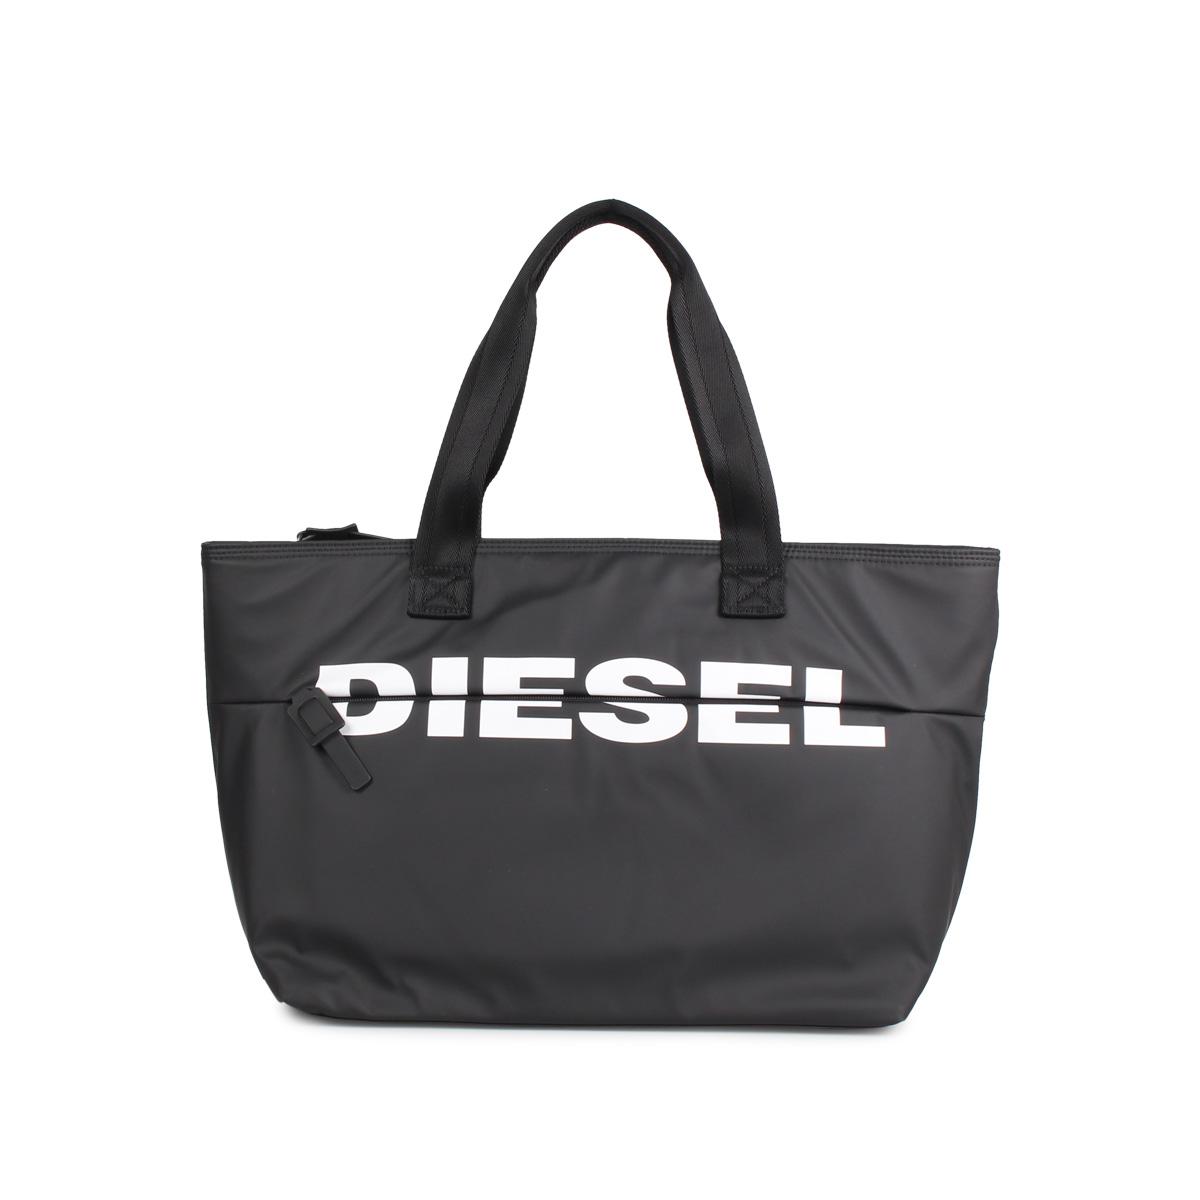 DIESEL BOLDMESSAGE ディーゼル バッグ トートバッグ レディース ブラック 黒 X06248-P1705